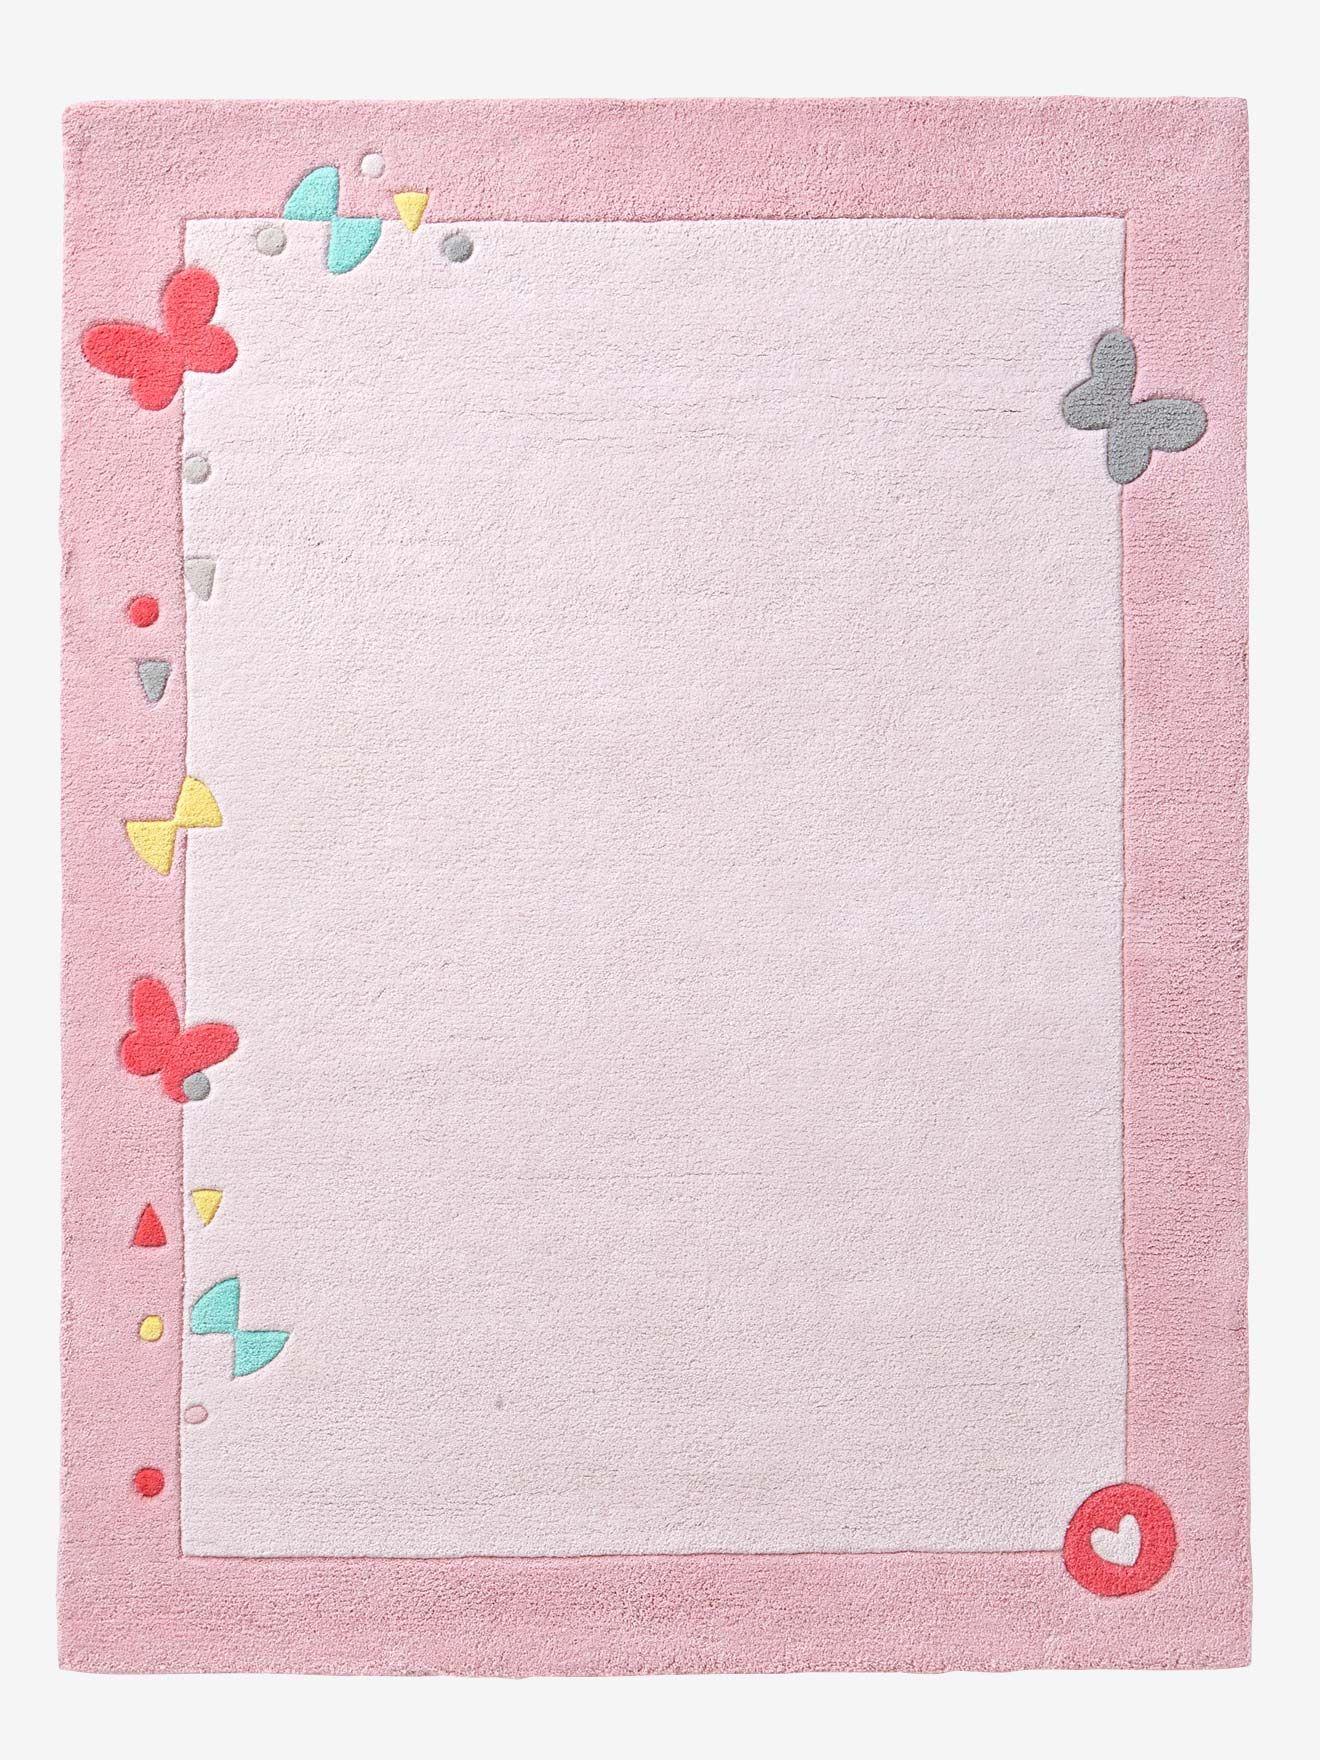 Kinderteppich vertbaudet  Vertbaudet Kinderteppich aus reiner Baumwolle in rosa | Juna ...